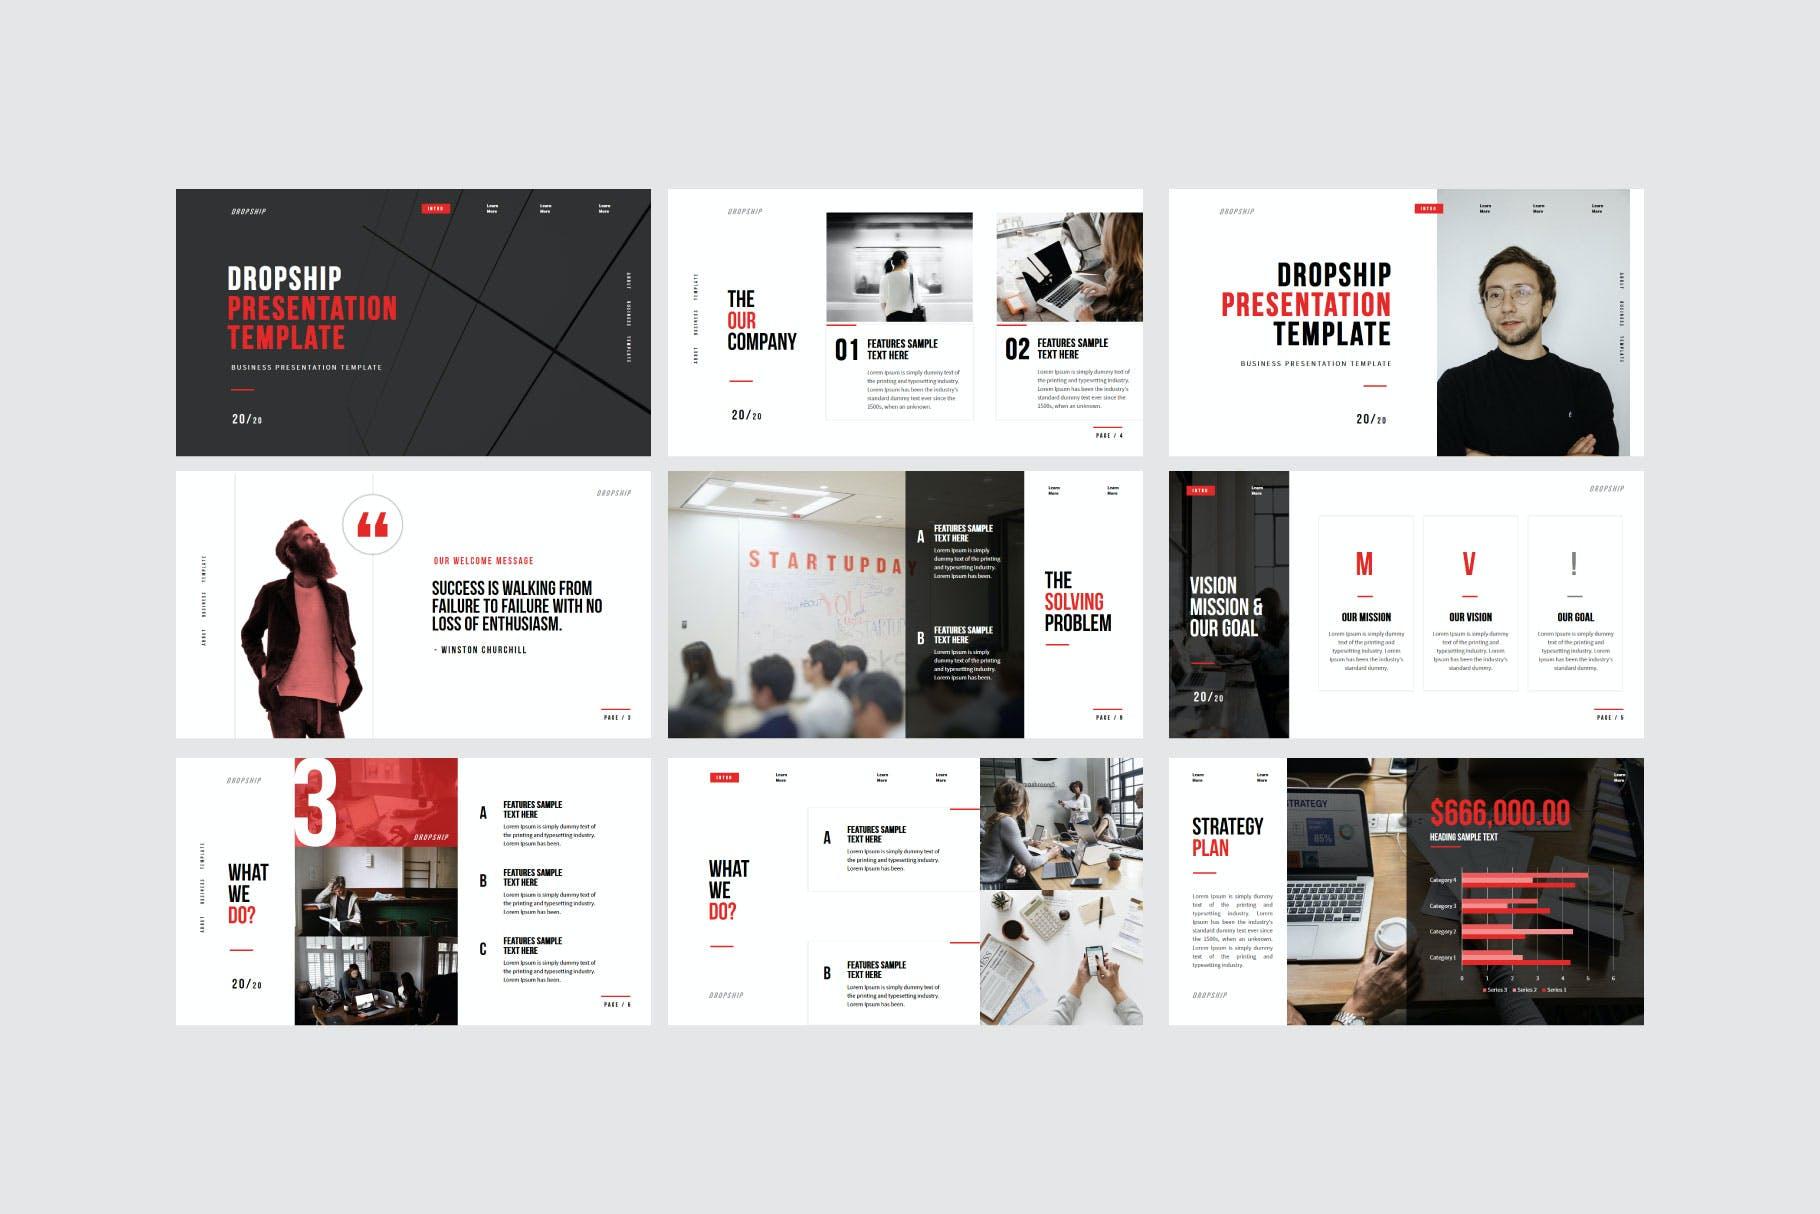 简约服装摄影作品集演示文稿设计模板 Dropship – Powerpoint Template插图(4)